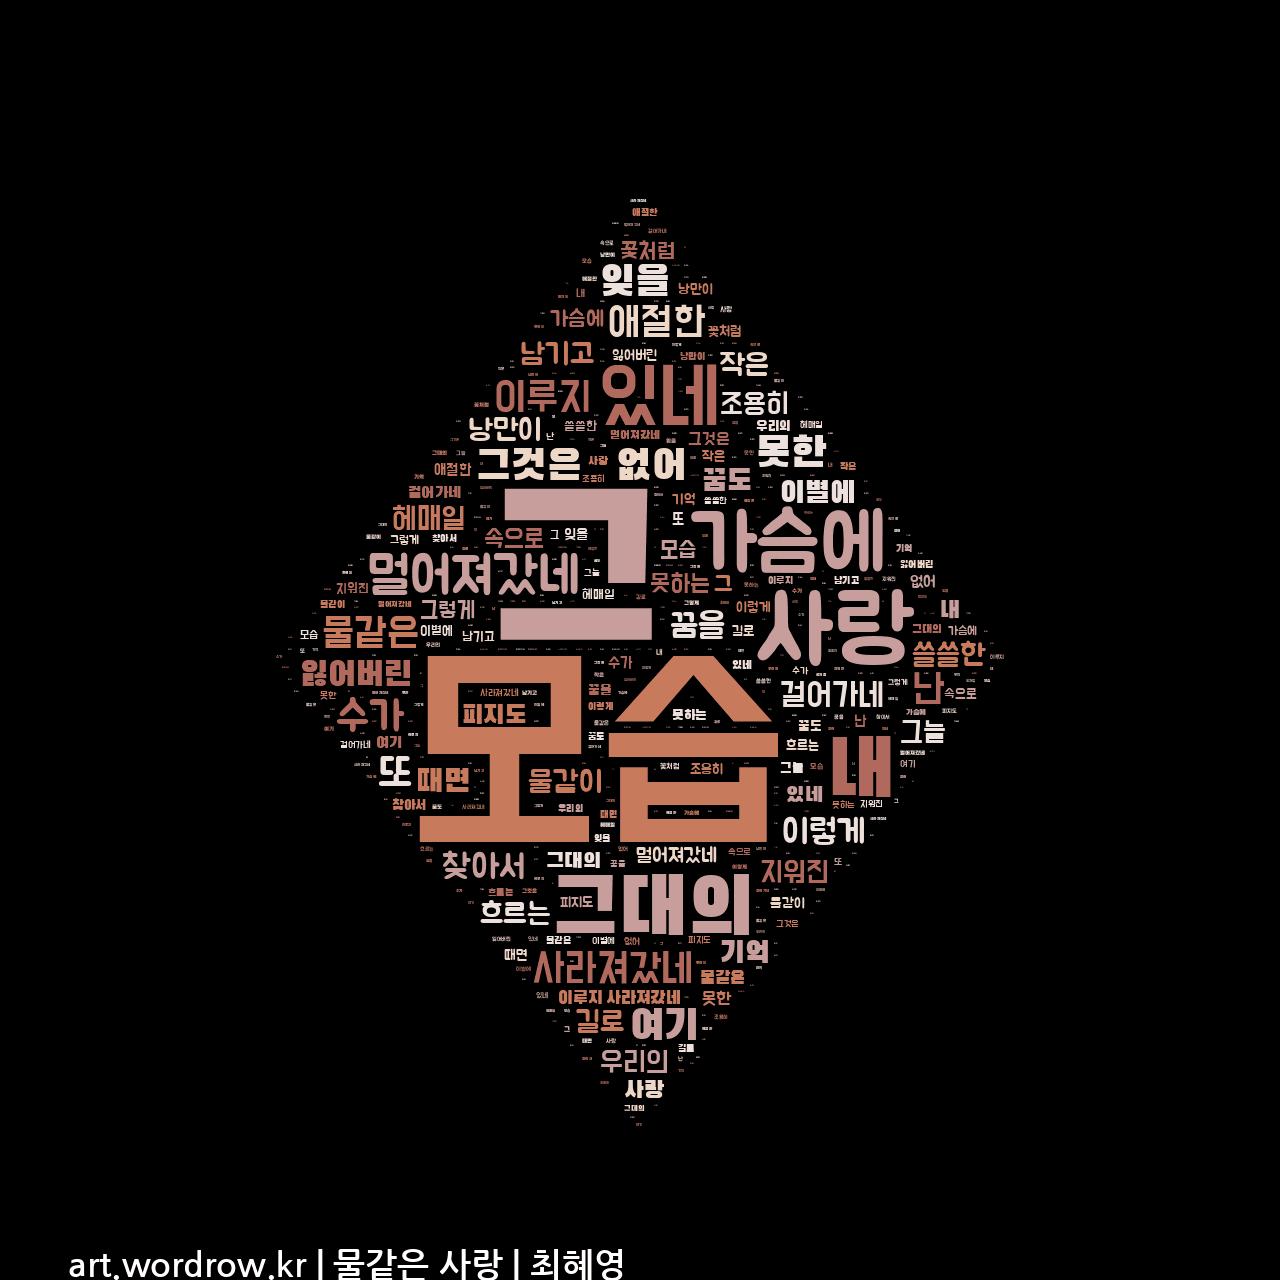 워드 아트: 물같은 사랑 [최혜영]-79